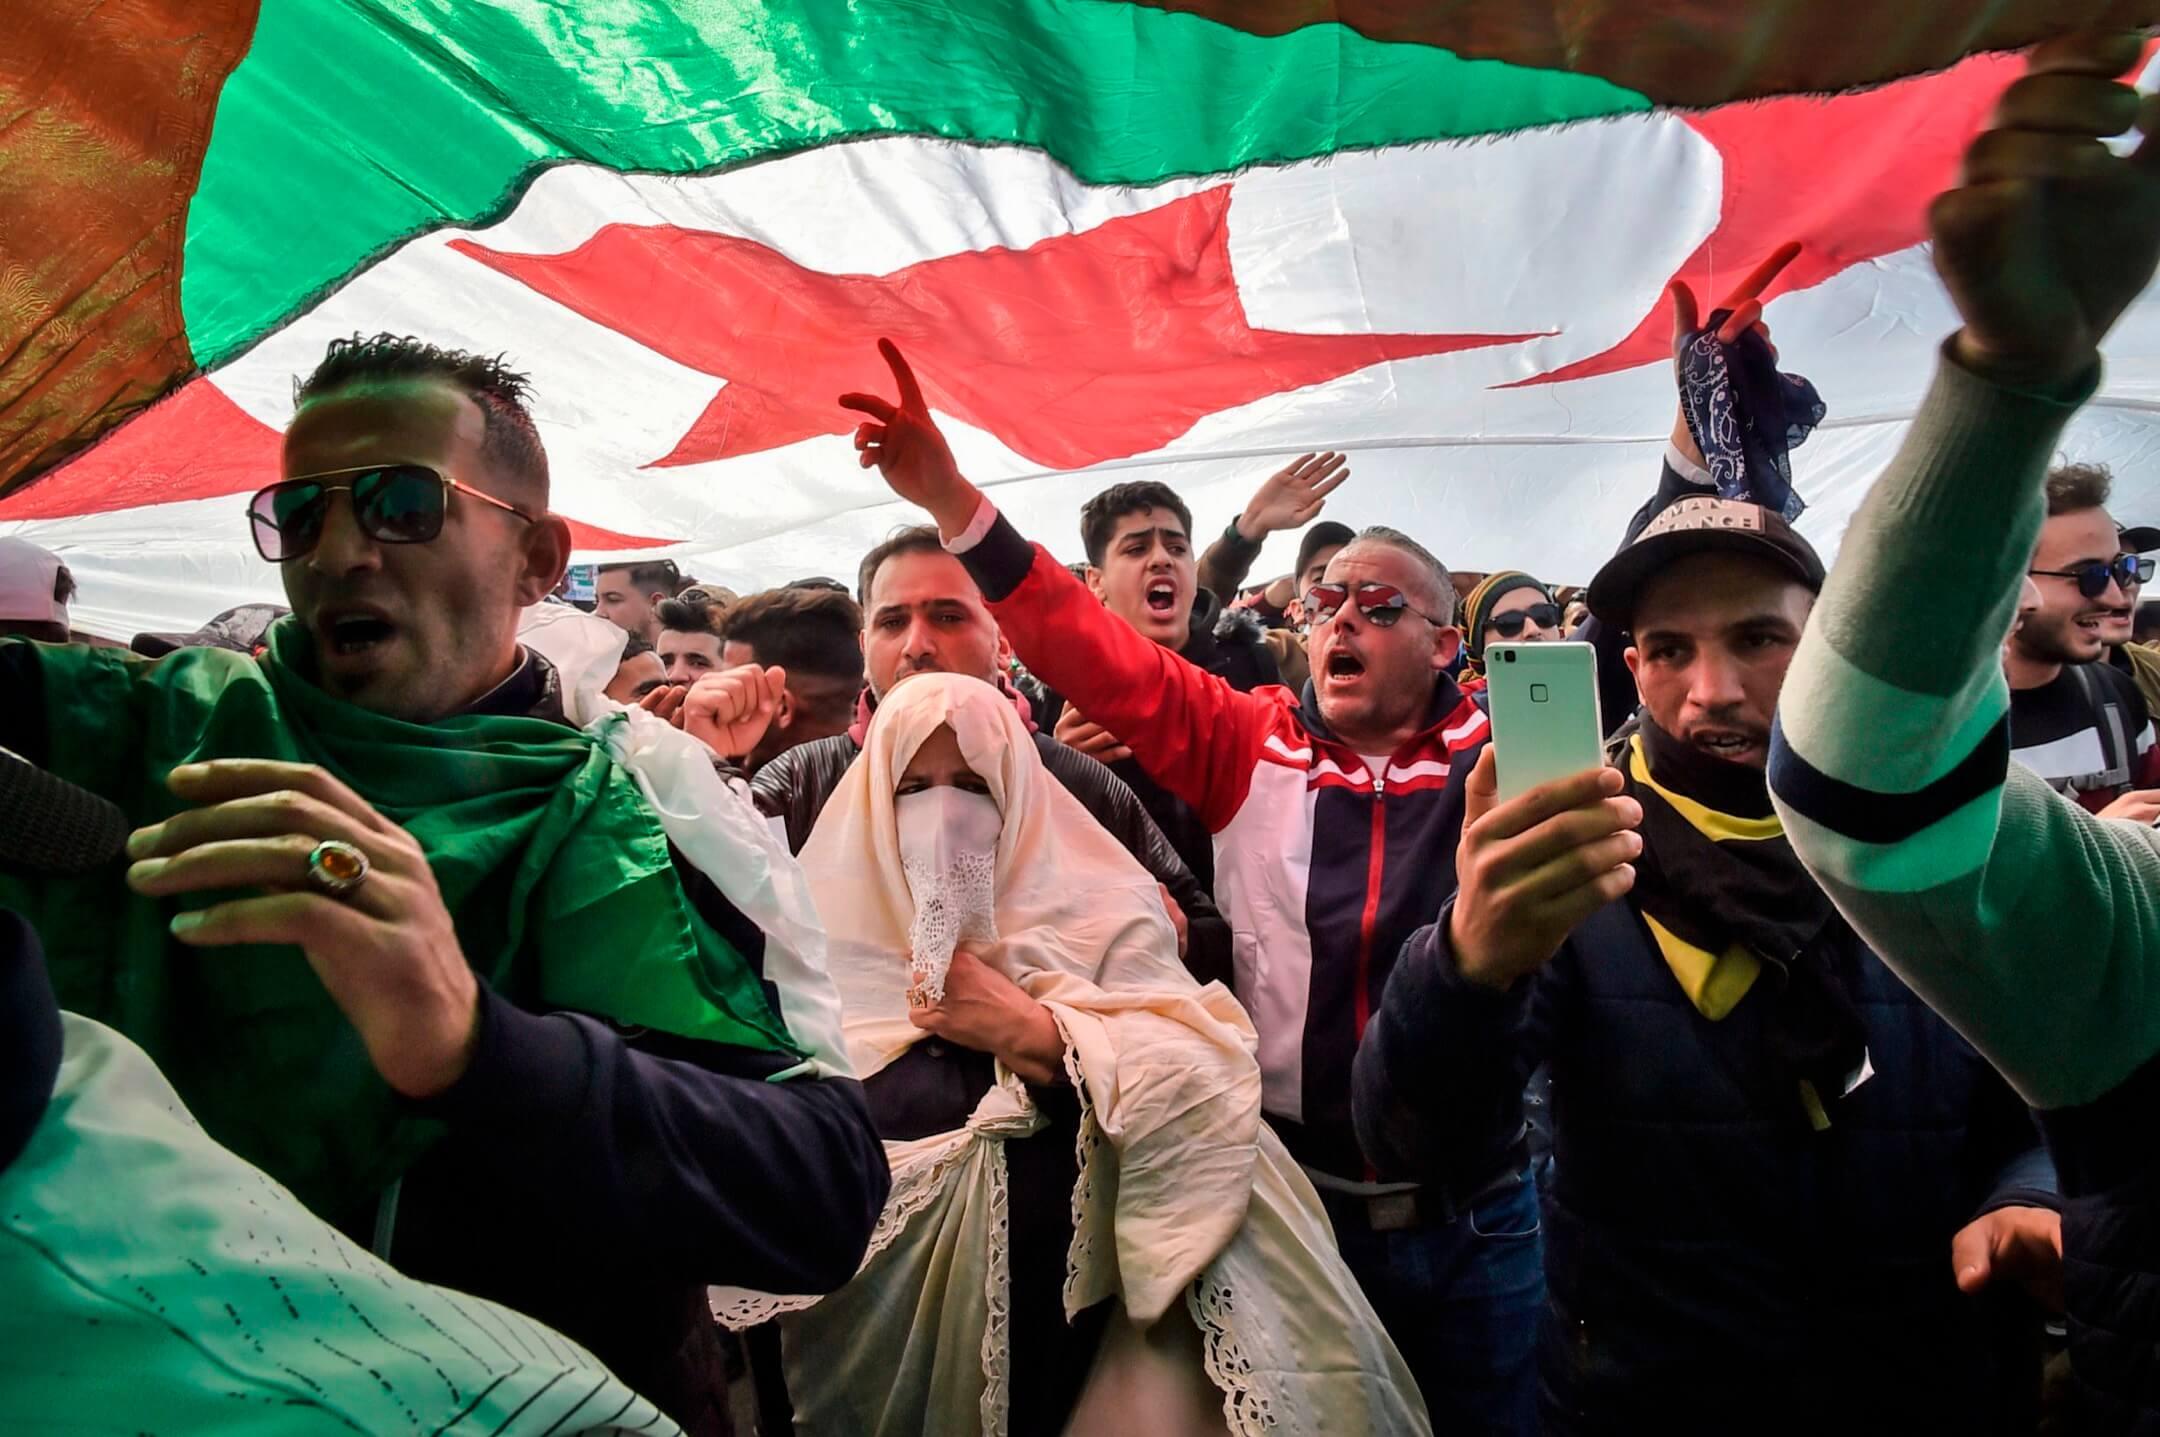 2019年3月1日,阿爾及利亞首都阿爾及爾,民眾在街頭揮動國旗示威,抗議現任總統布特弗利卡第五度角逐連任總統。 攝:Ryad Kramdi/AFP/Getty Images